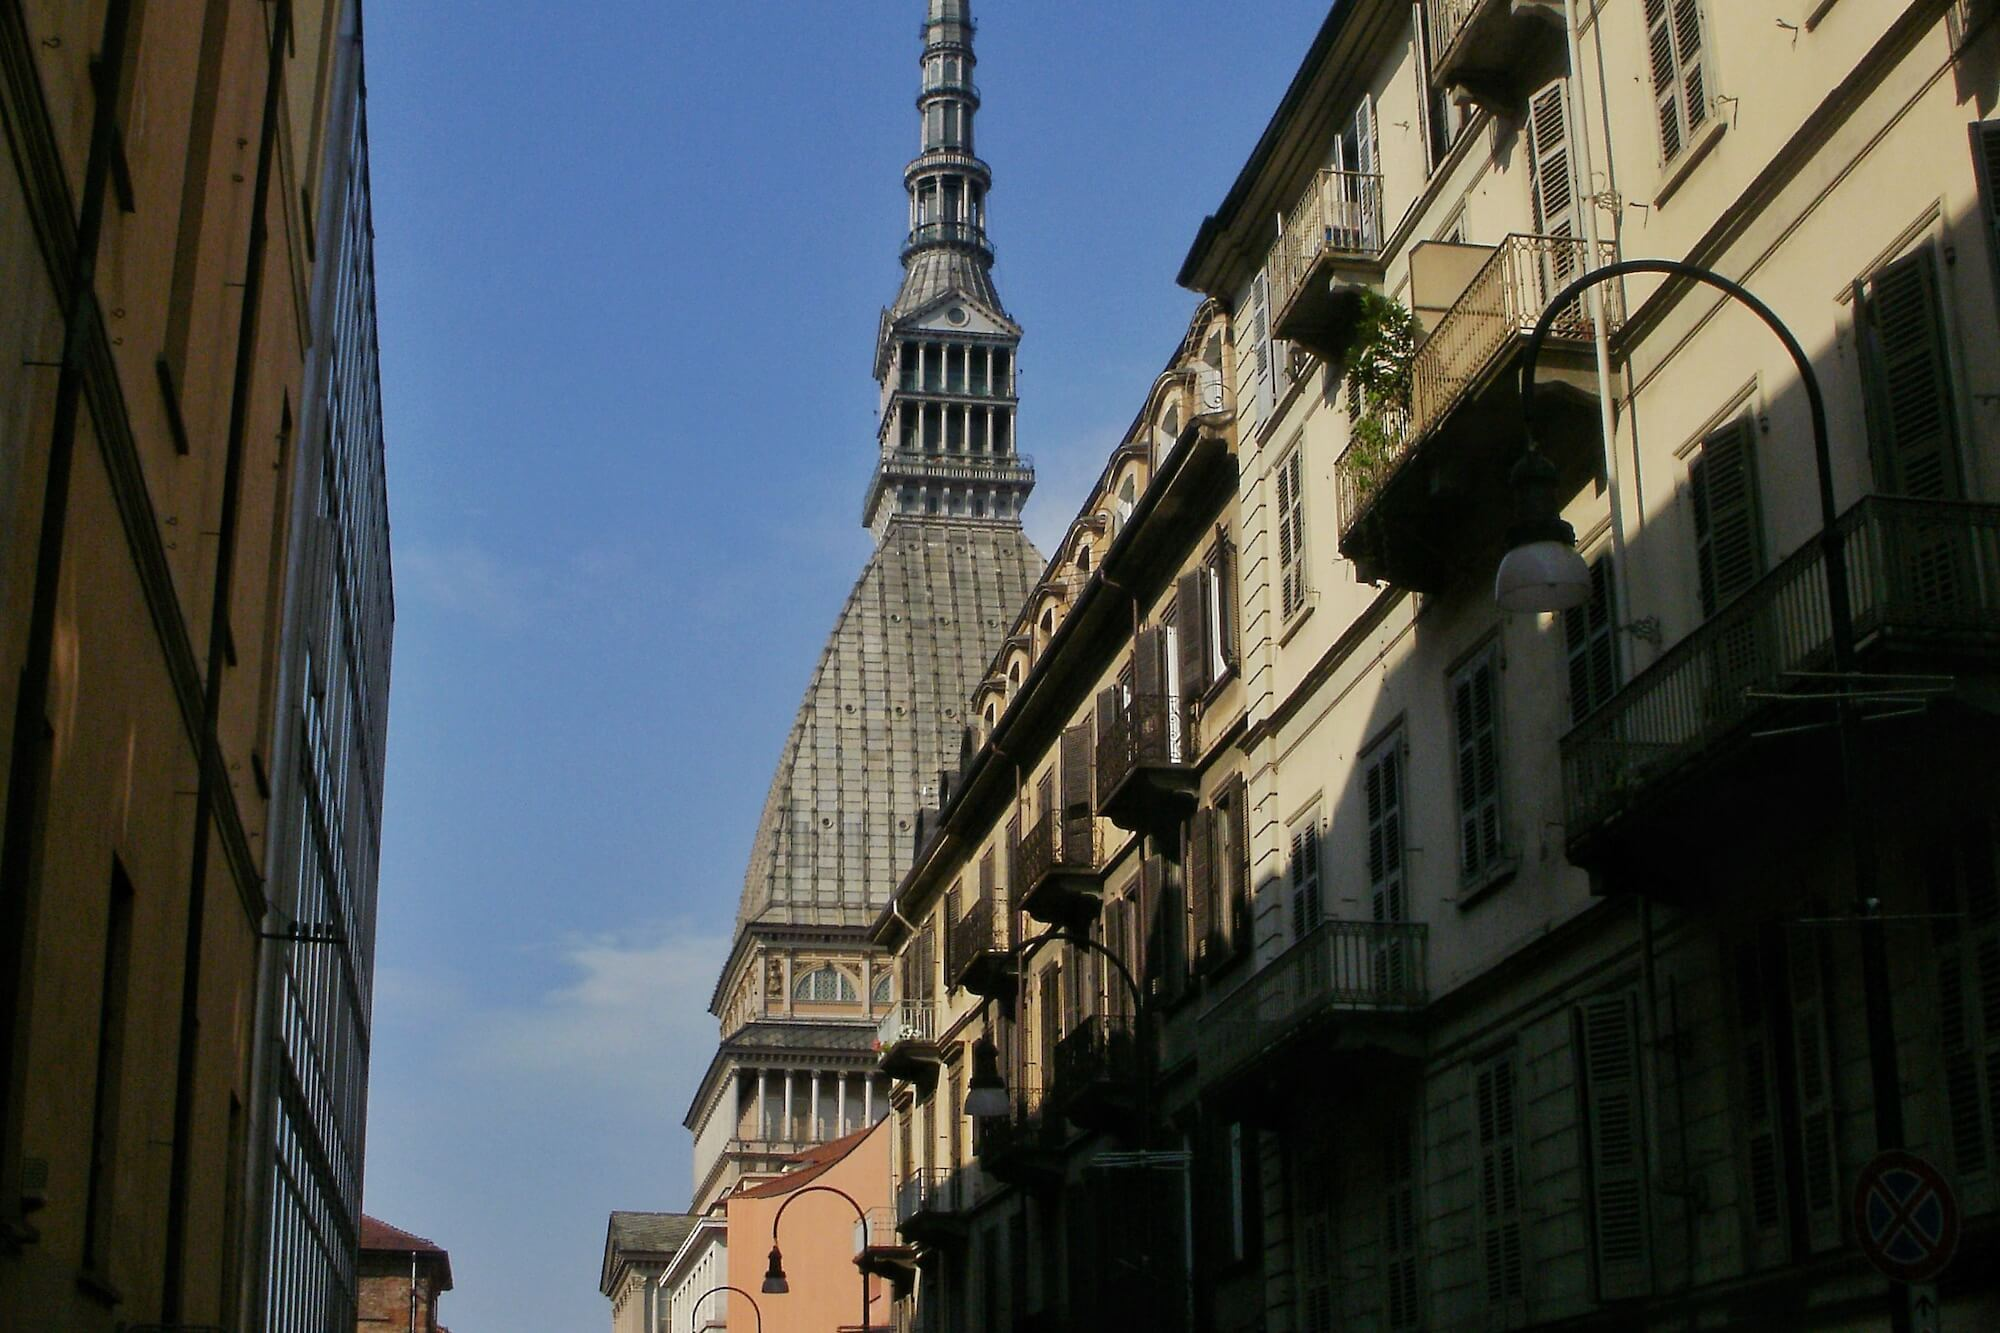 Das Museo Nazionale del Cinema in Turin zeigt die Geschichte des Films - von den Anfängen in der Stummfilmzeit bis Hollywood.